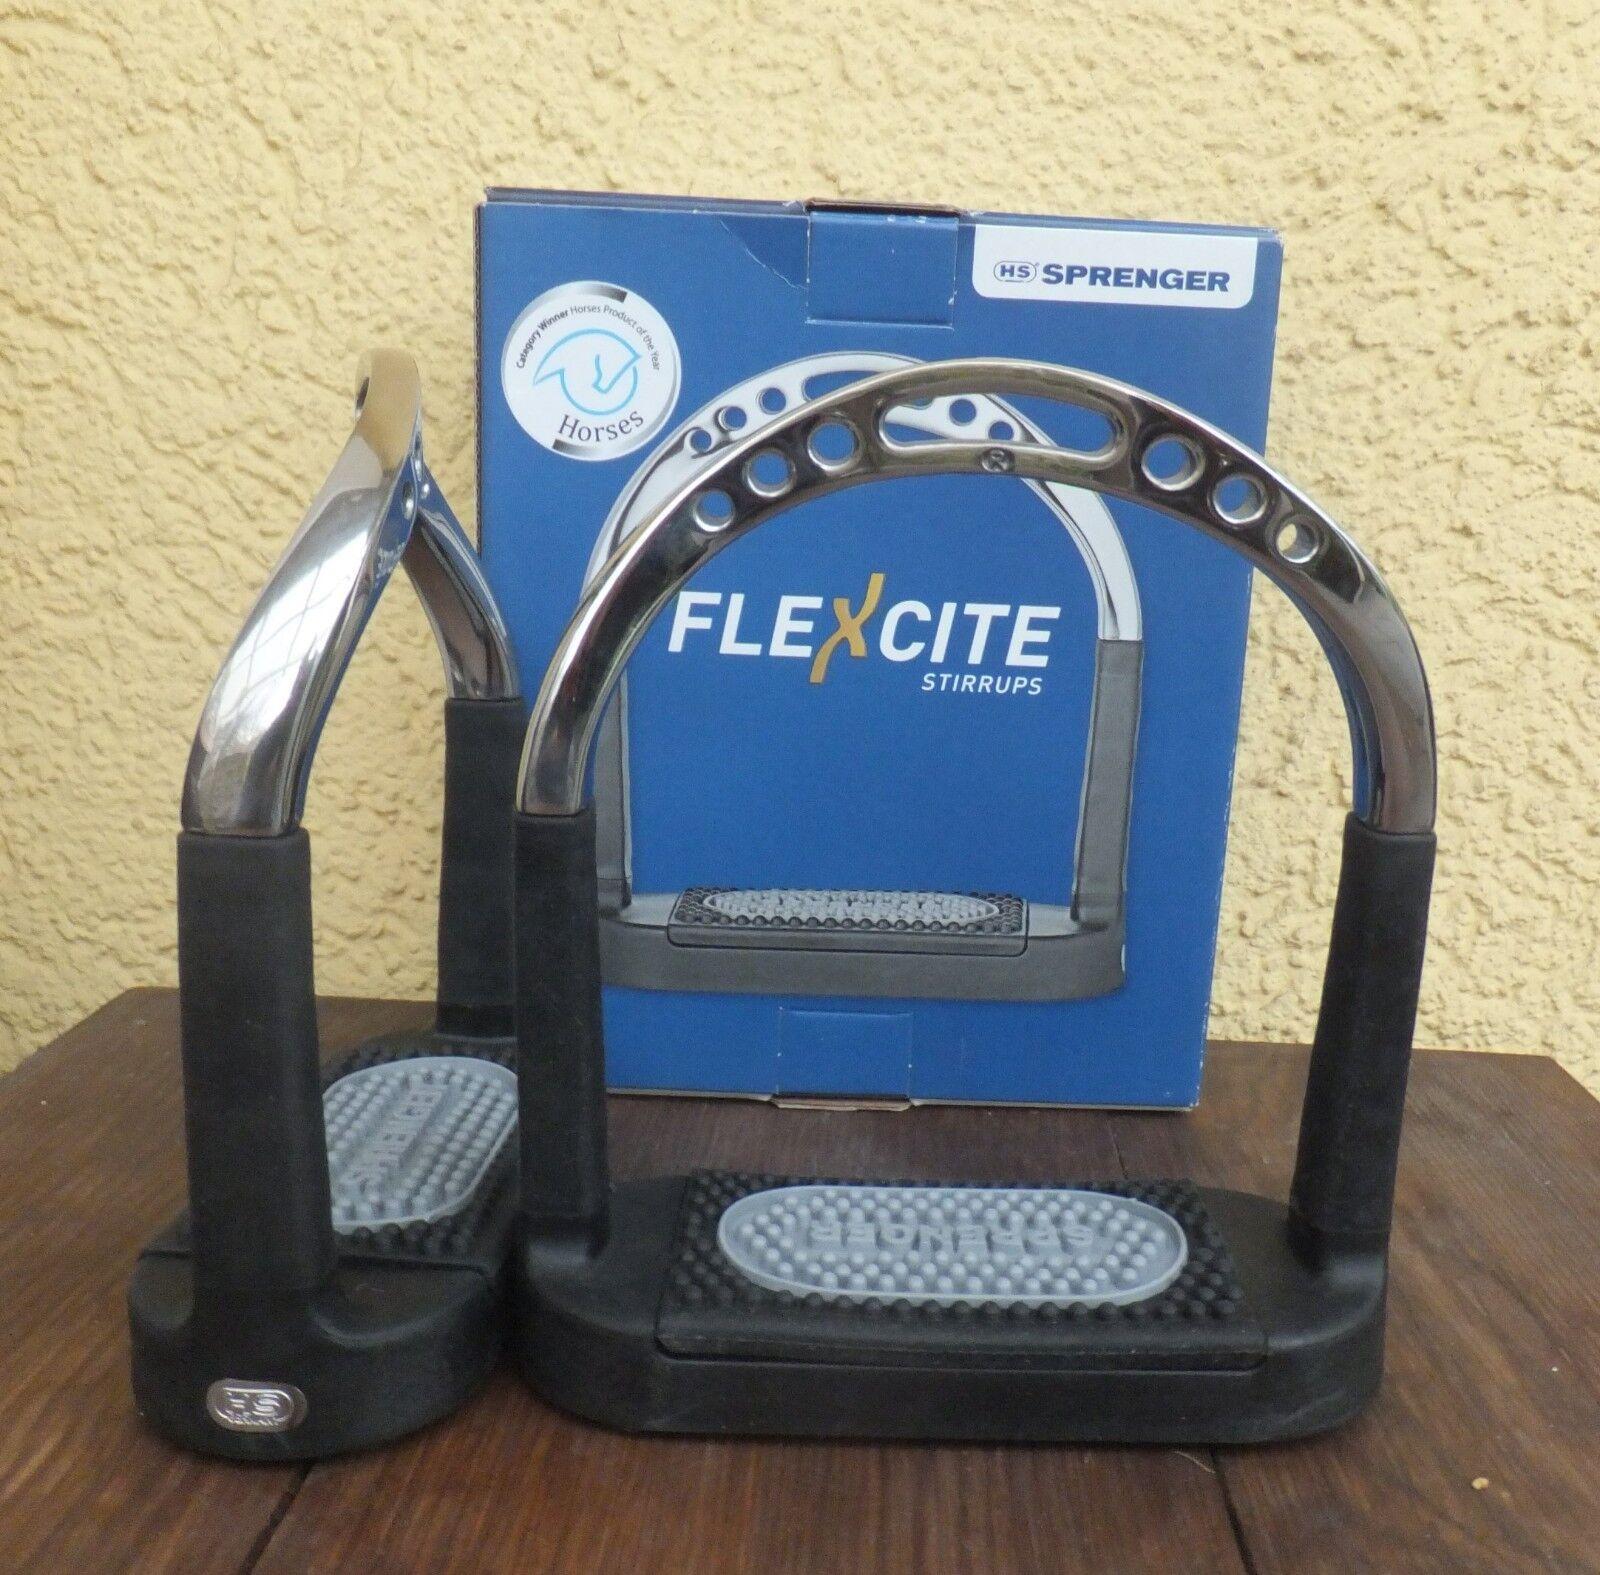 Sprenger flexcite flexcite flexcite sicherheitssteigbügel 12 cm 920fa7